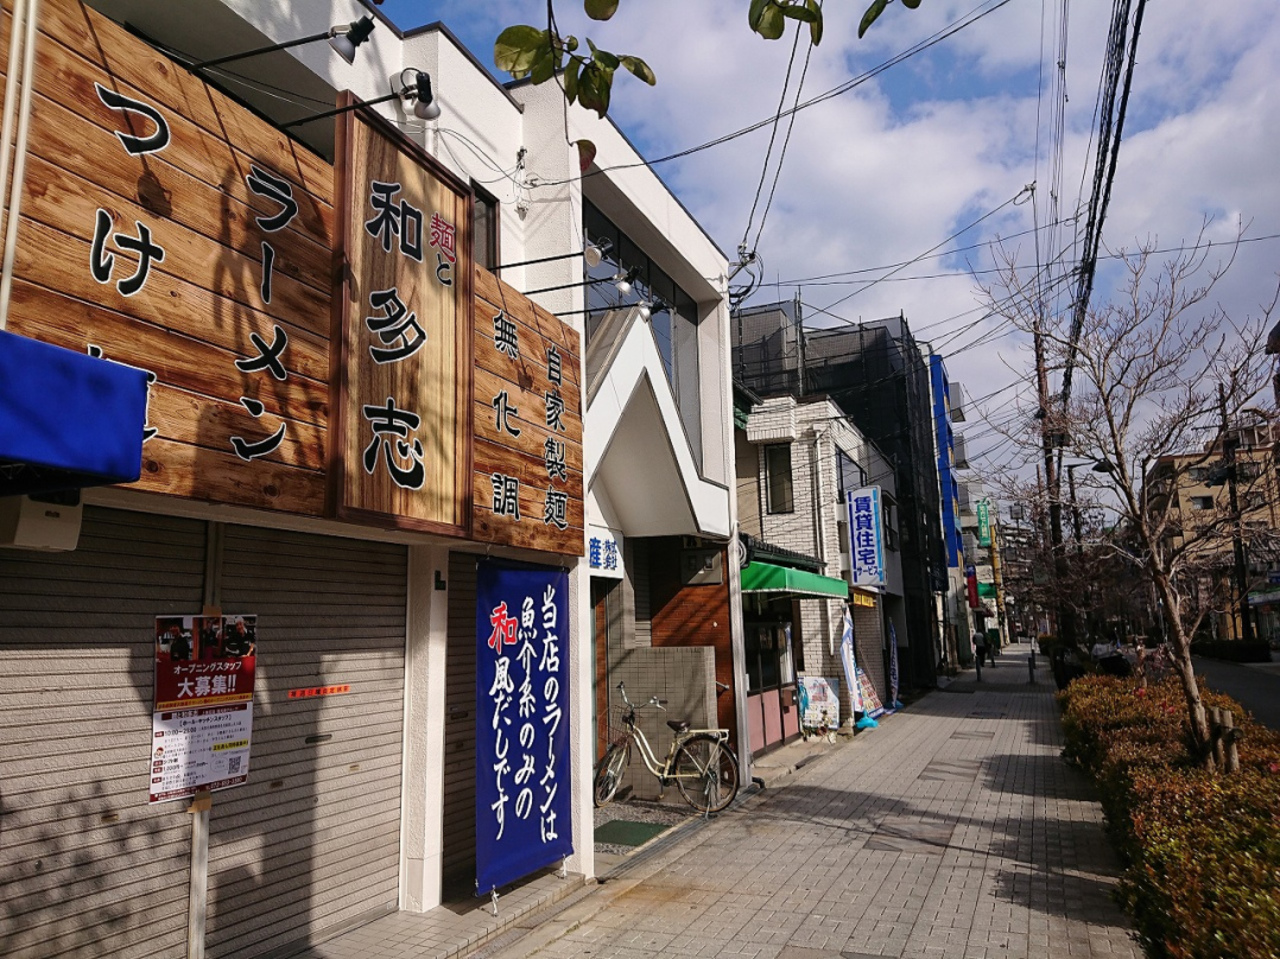 上新庄駅南口近くに『麺と和多志』が2月15日オープンのようです。。。